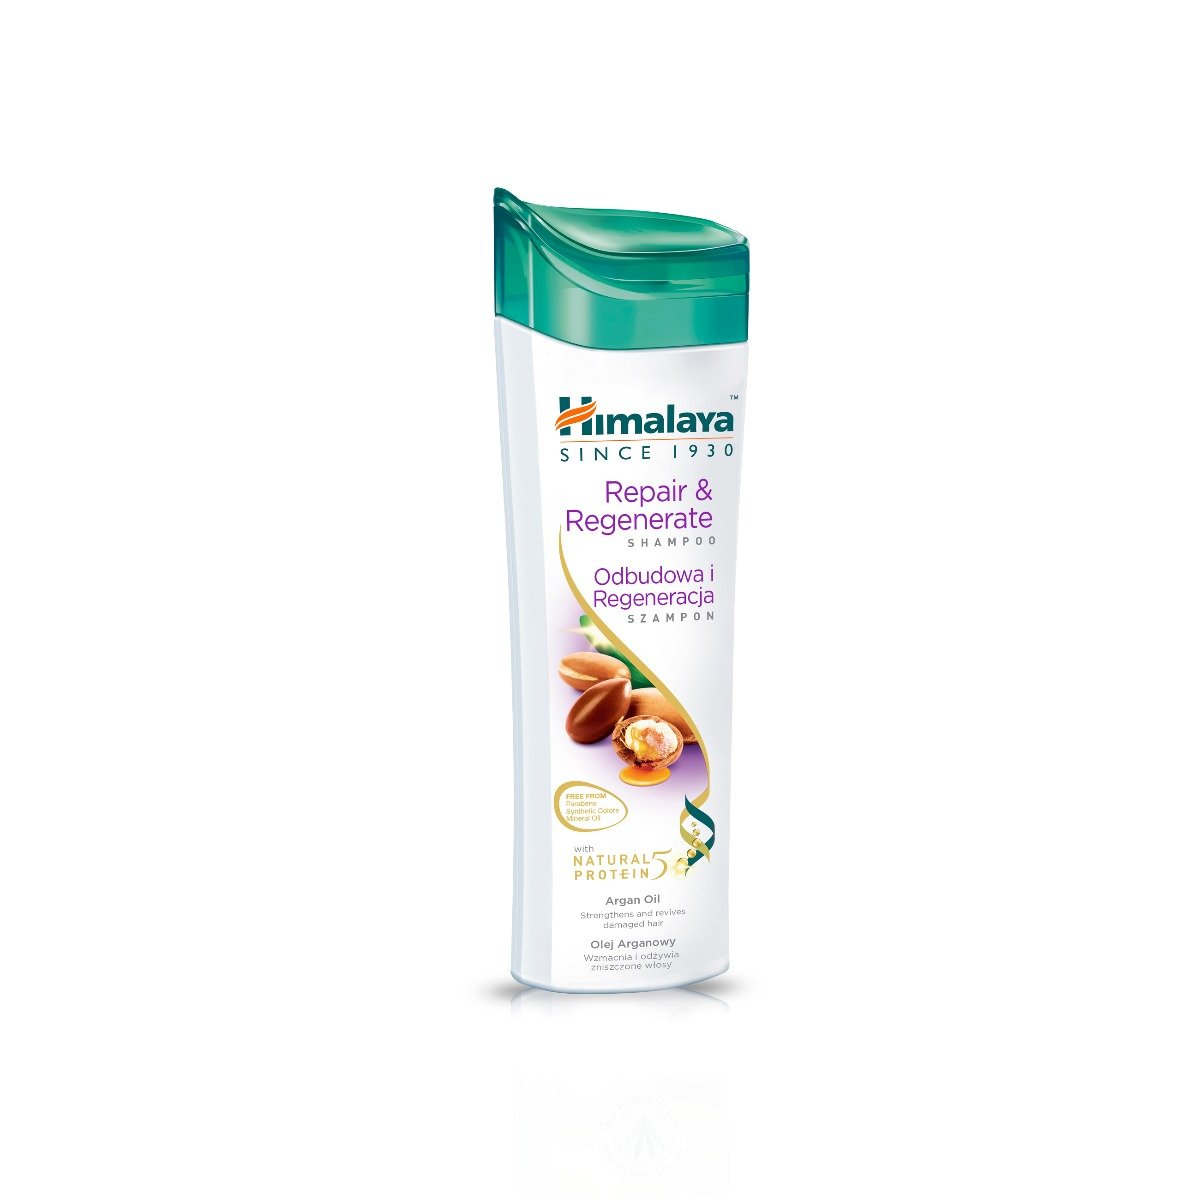 Sampon Himalaya Repair & Regenerate, 400 ml imagine